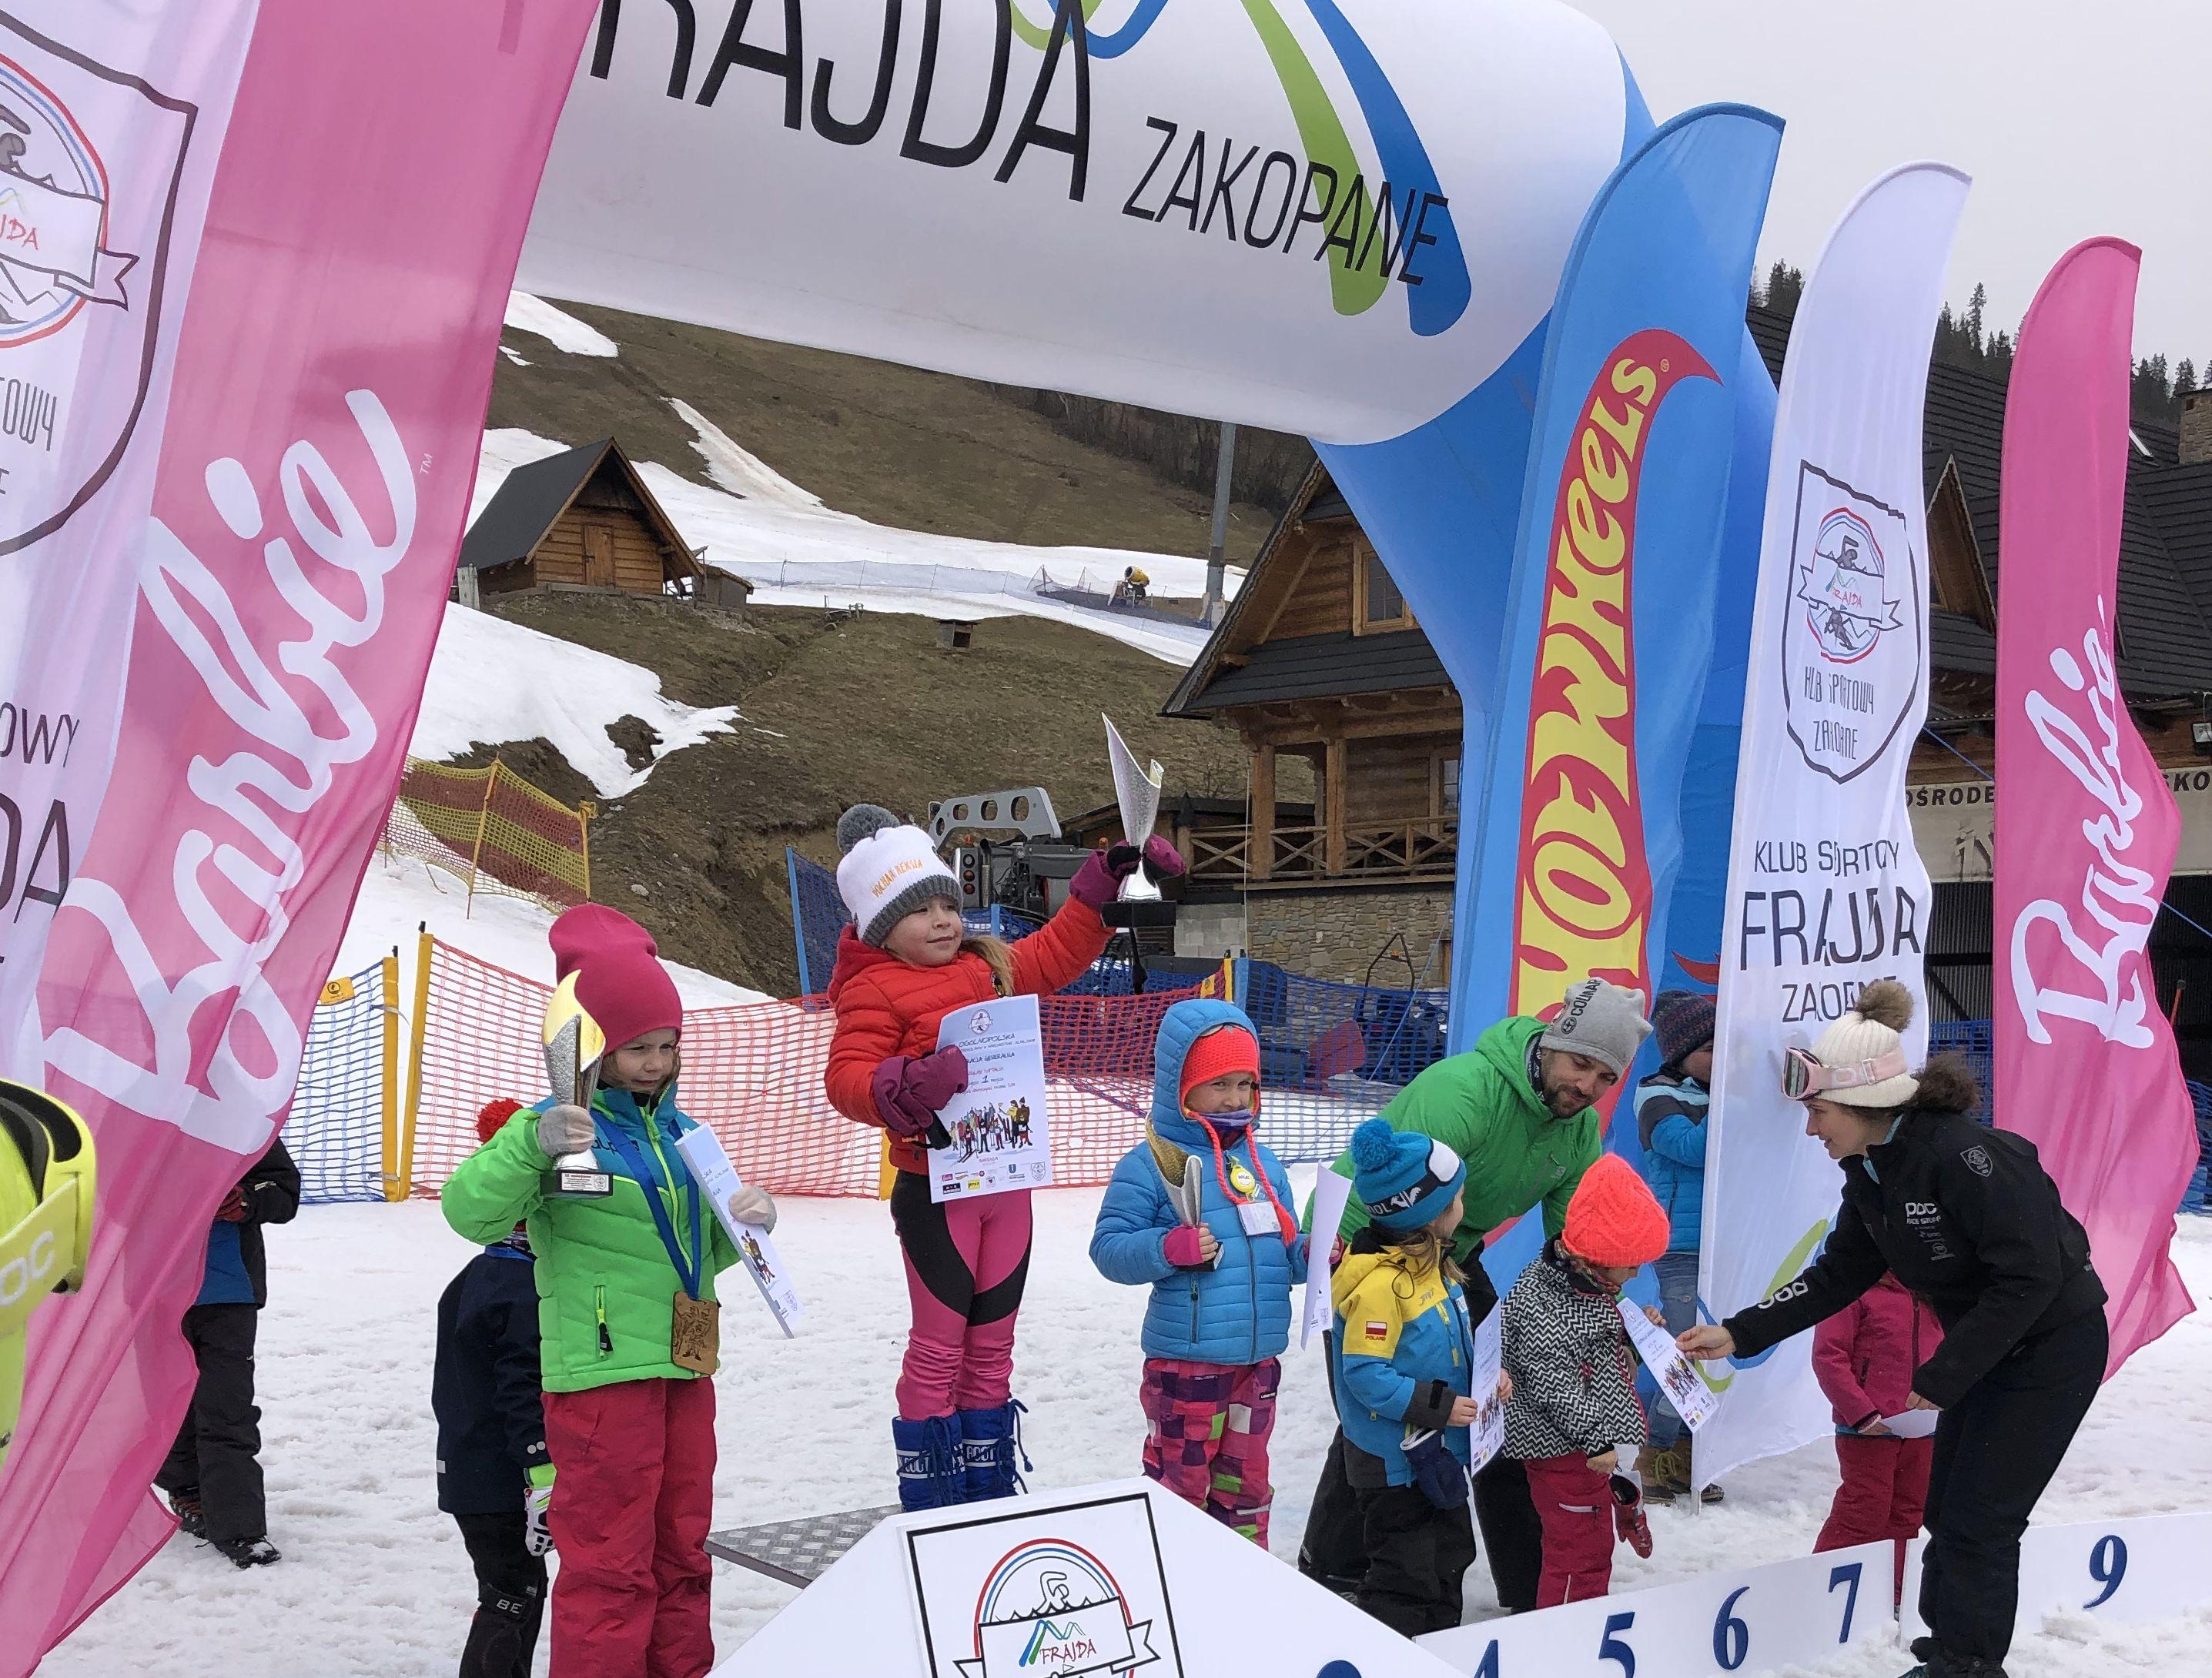 Natalia z Roczyn po raz kolejny wygrywa pod Tatrami [FOTO]